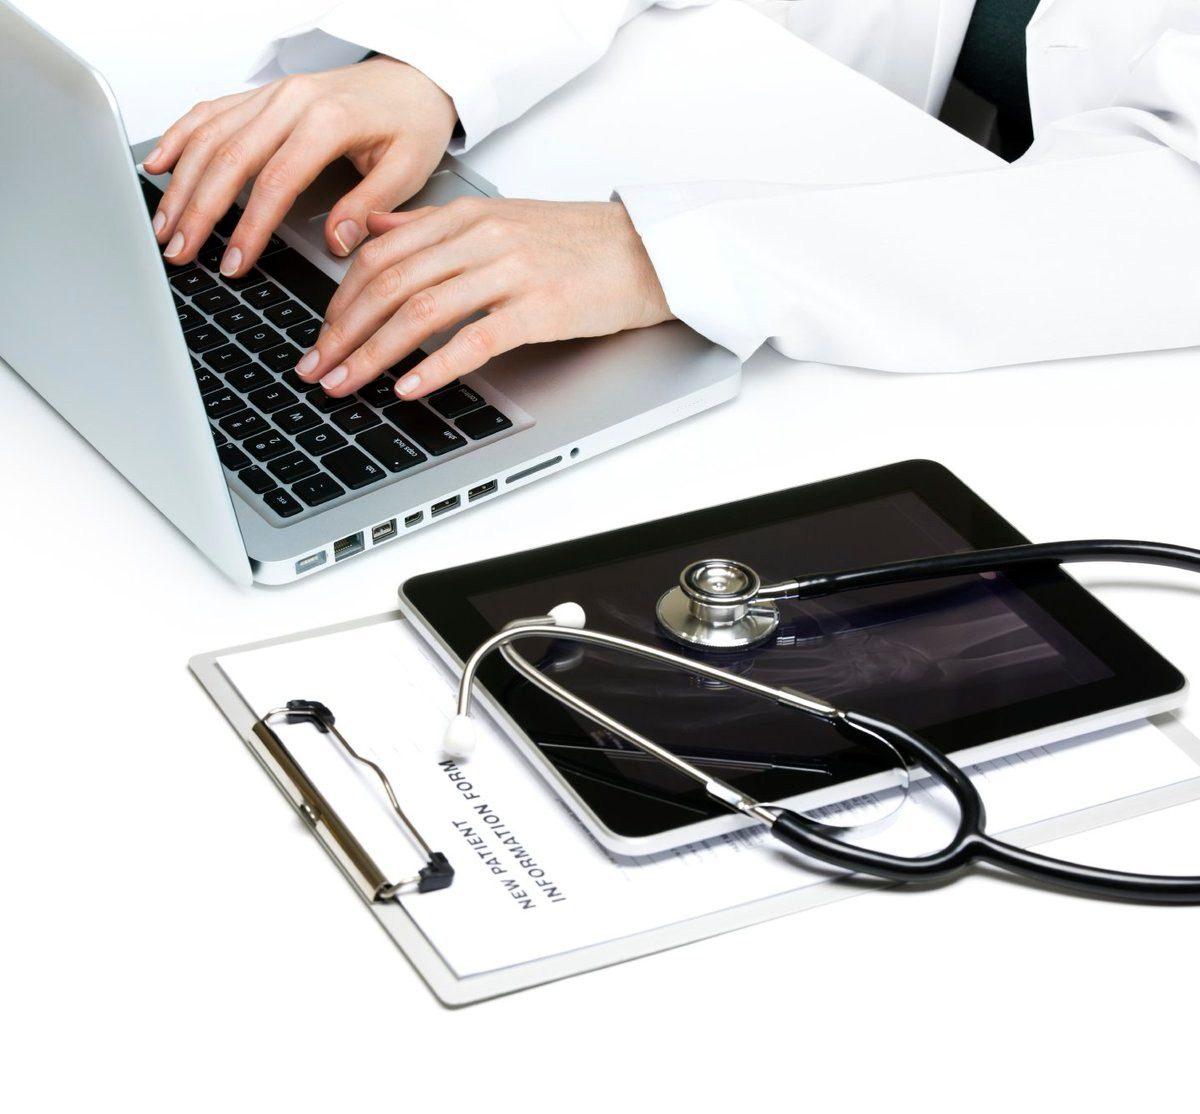 «Ростелеком» обеспечит интернетом 55 медицинских заведений в Астраханской области